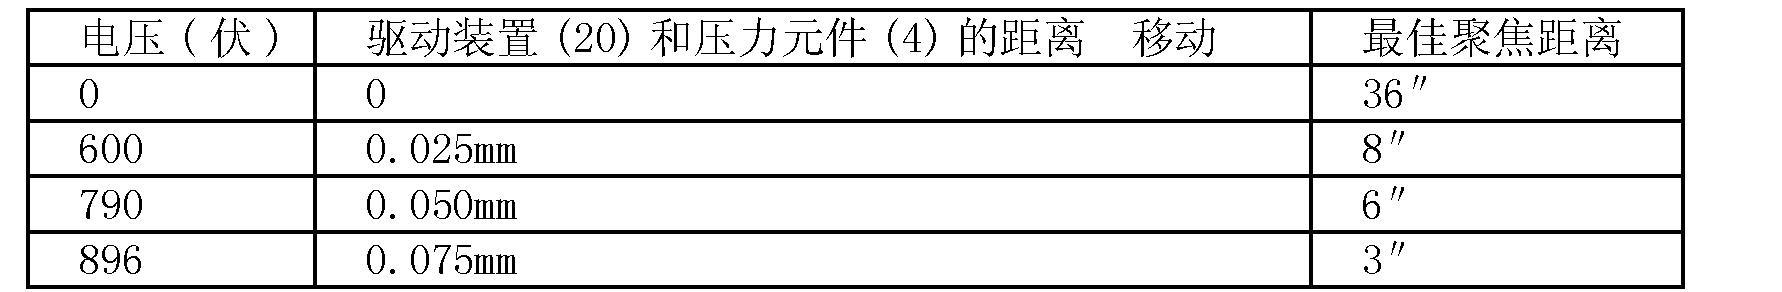 Figure CN101632030BD00231